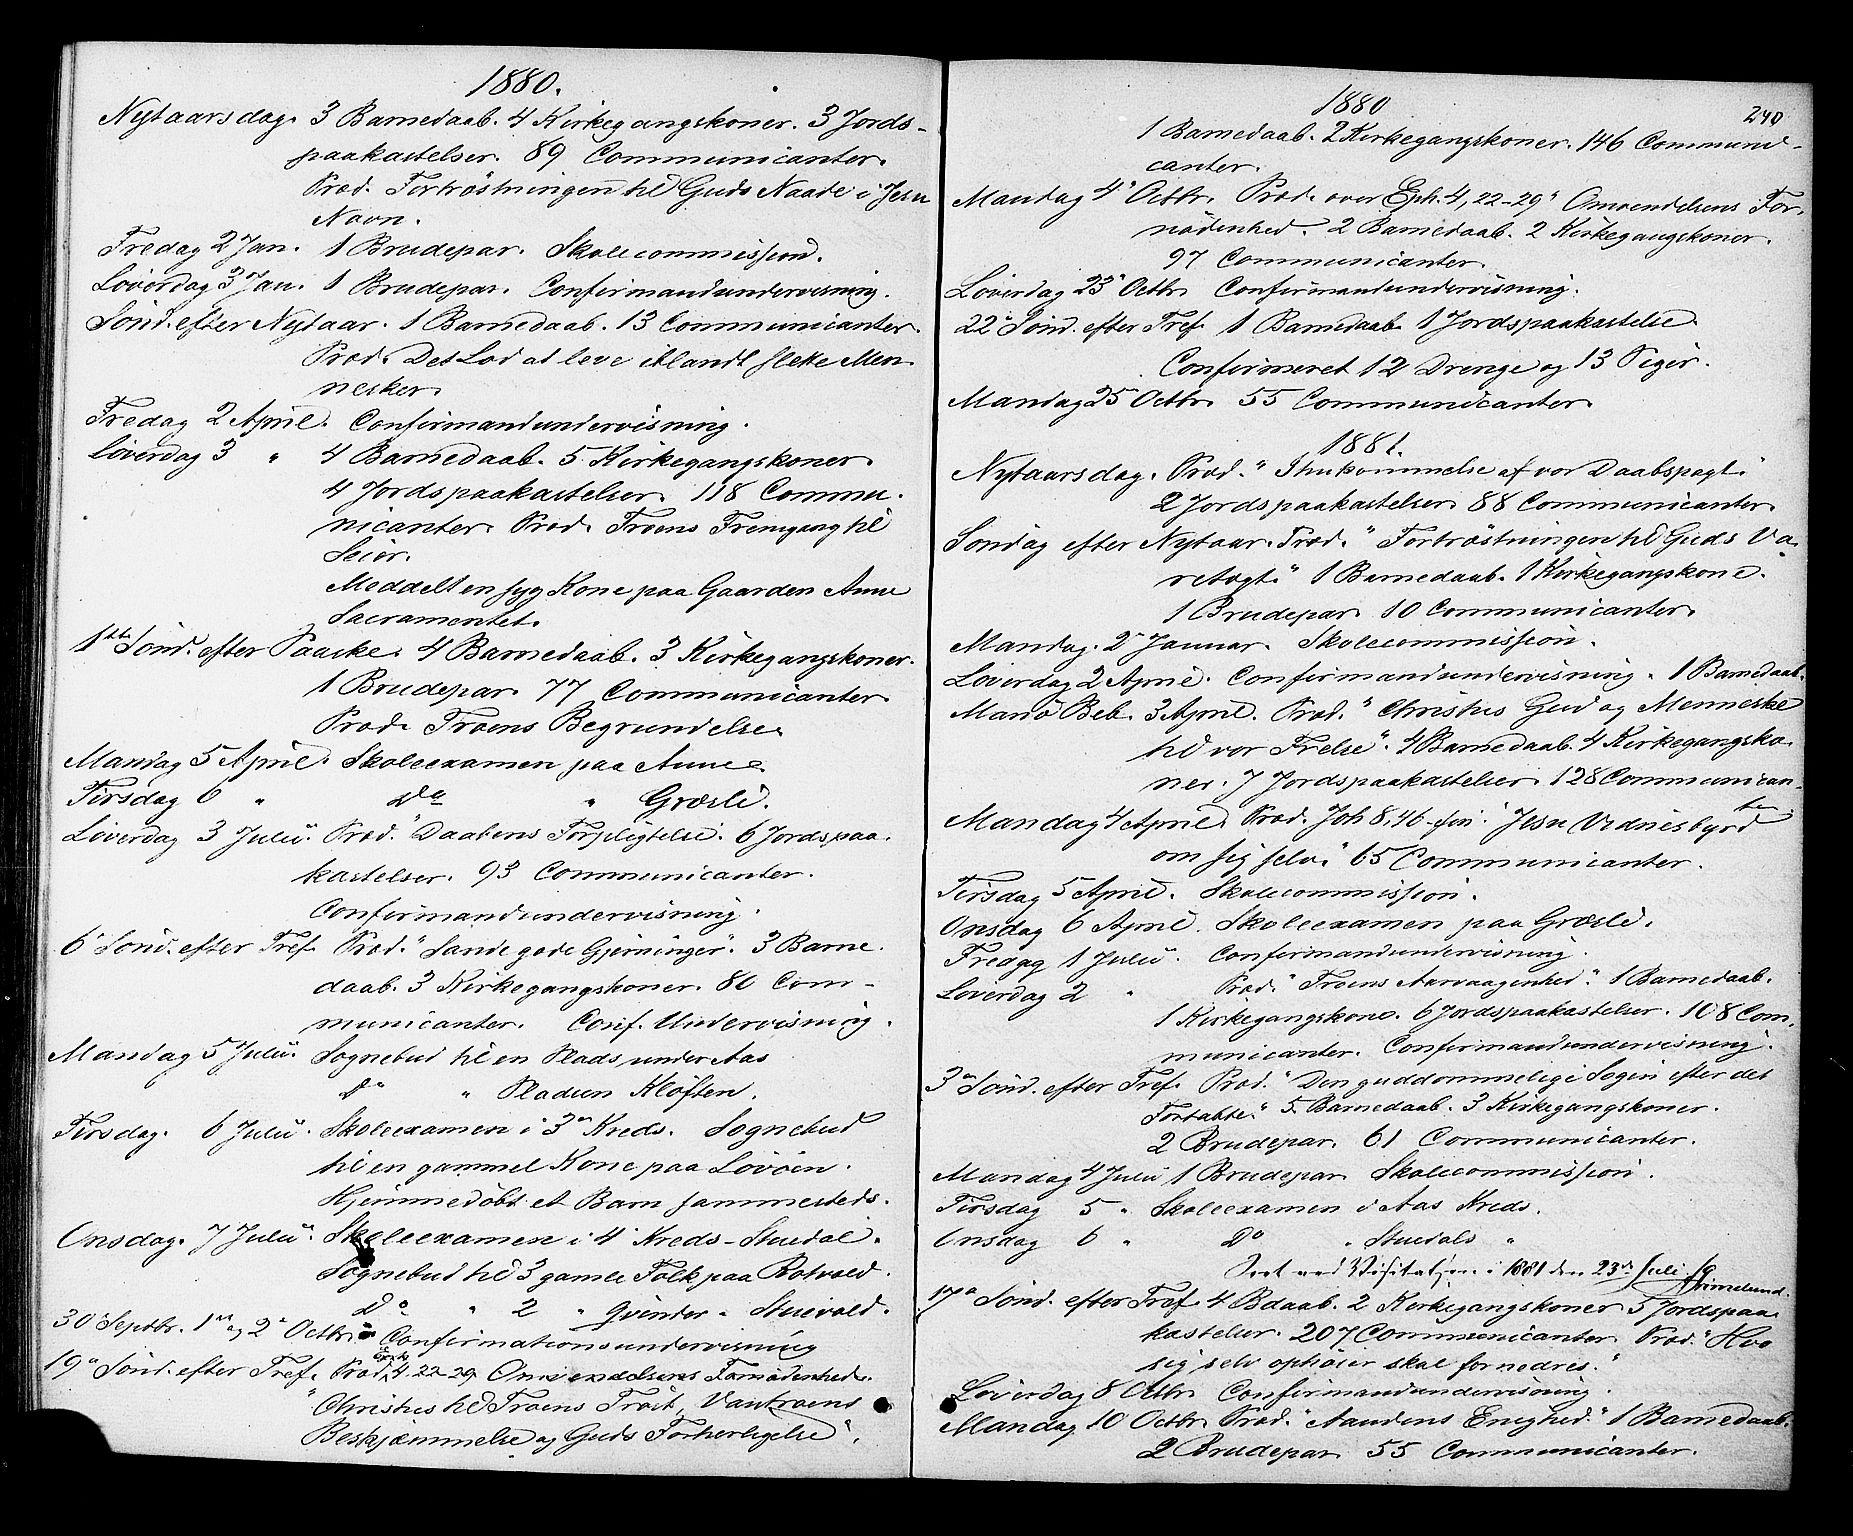 SAT, Ministerialprotokoller, klokkerbøker og fødselsregistre - Sør-Trøndelag, 698/L1163: Ministerialbok nr. 698A01, 1862-1887, s. 240